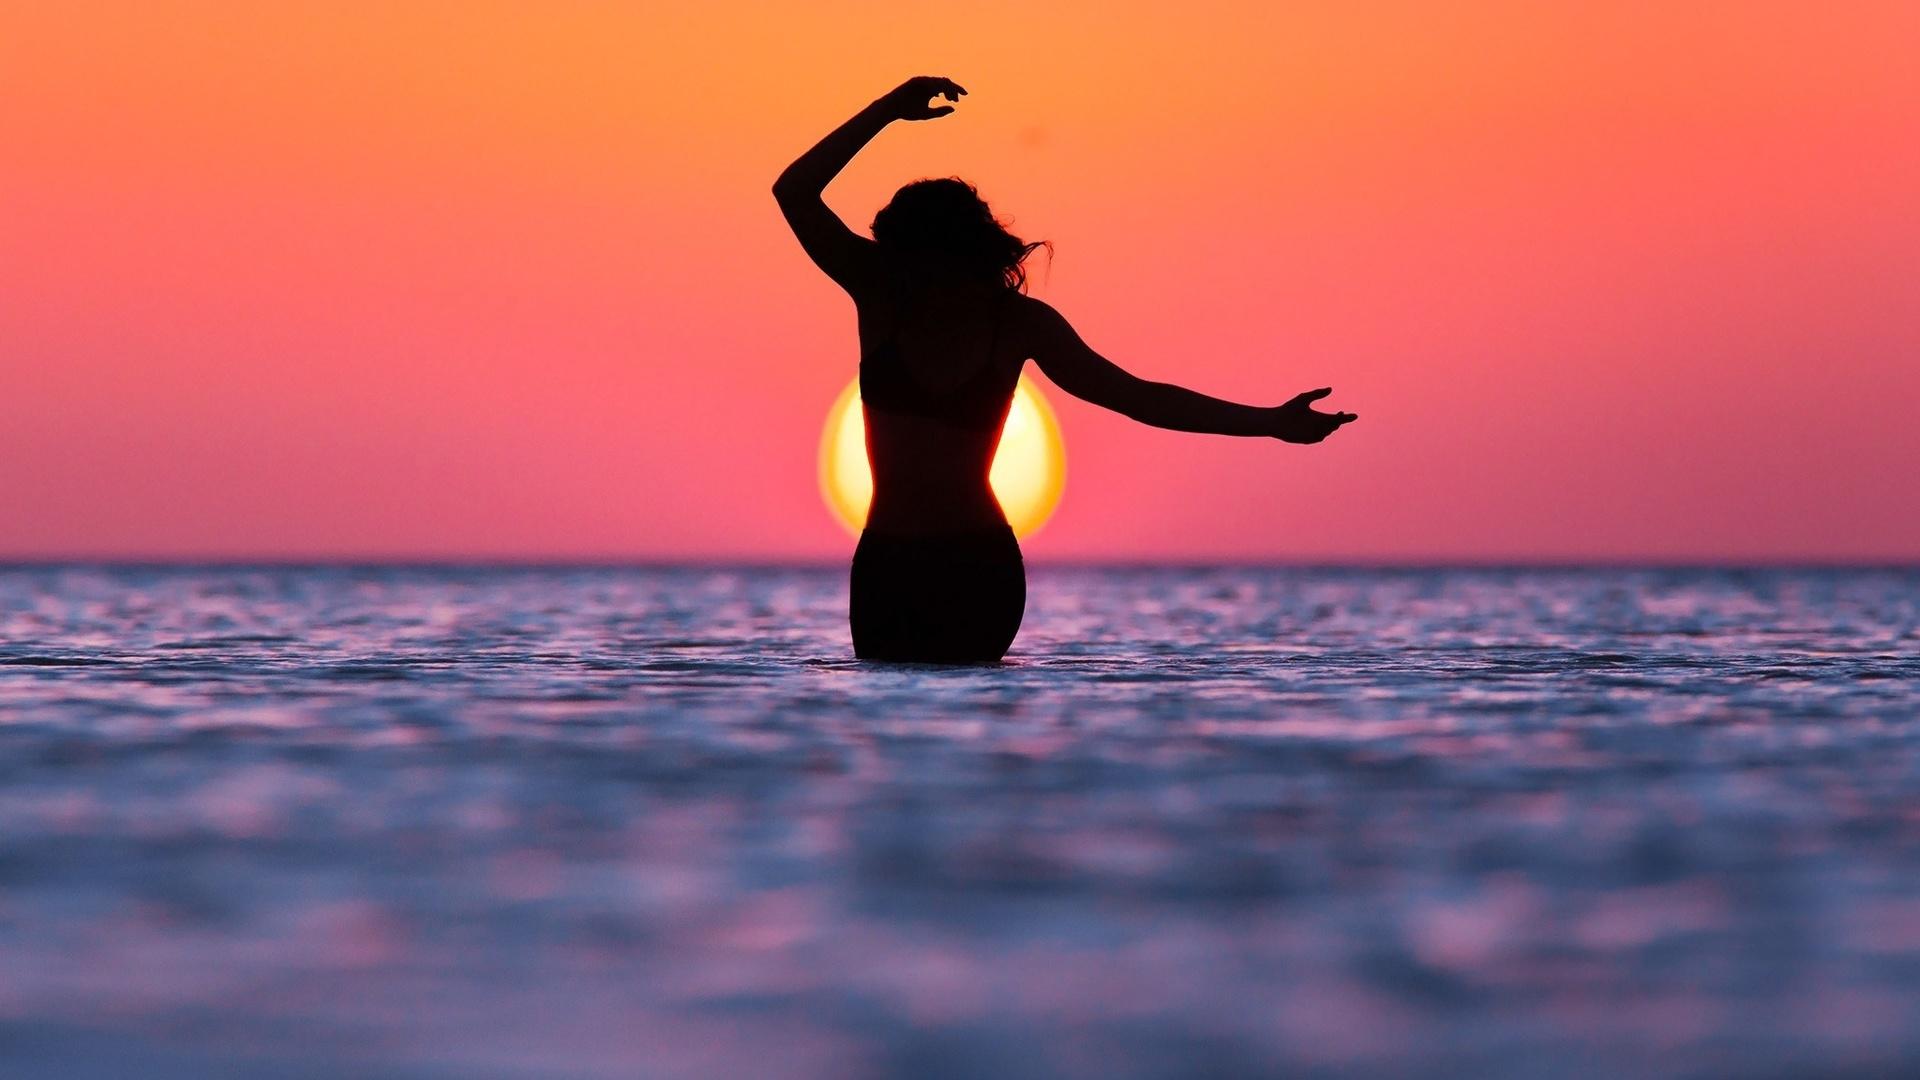 Открытку, картинки девушка и море на аватарку